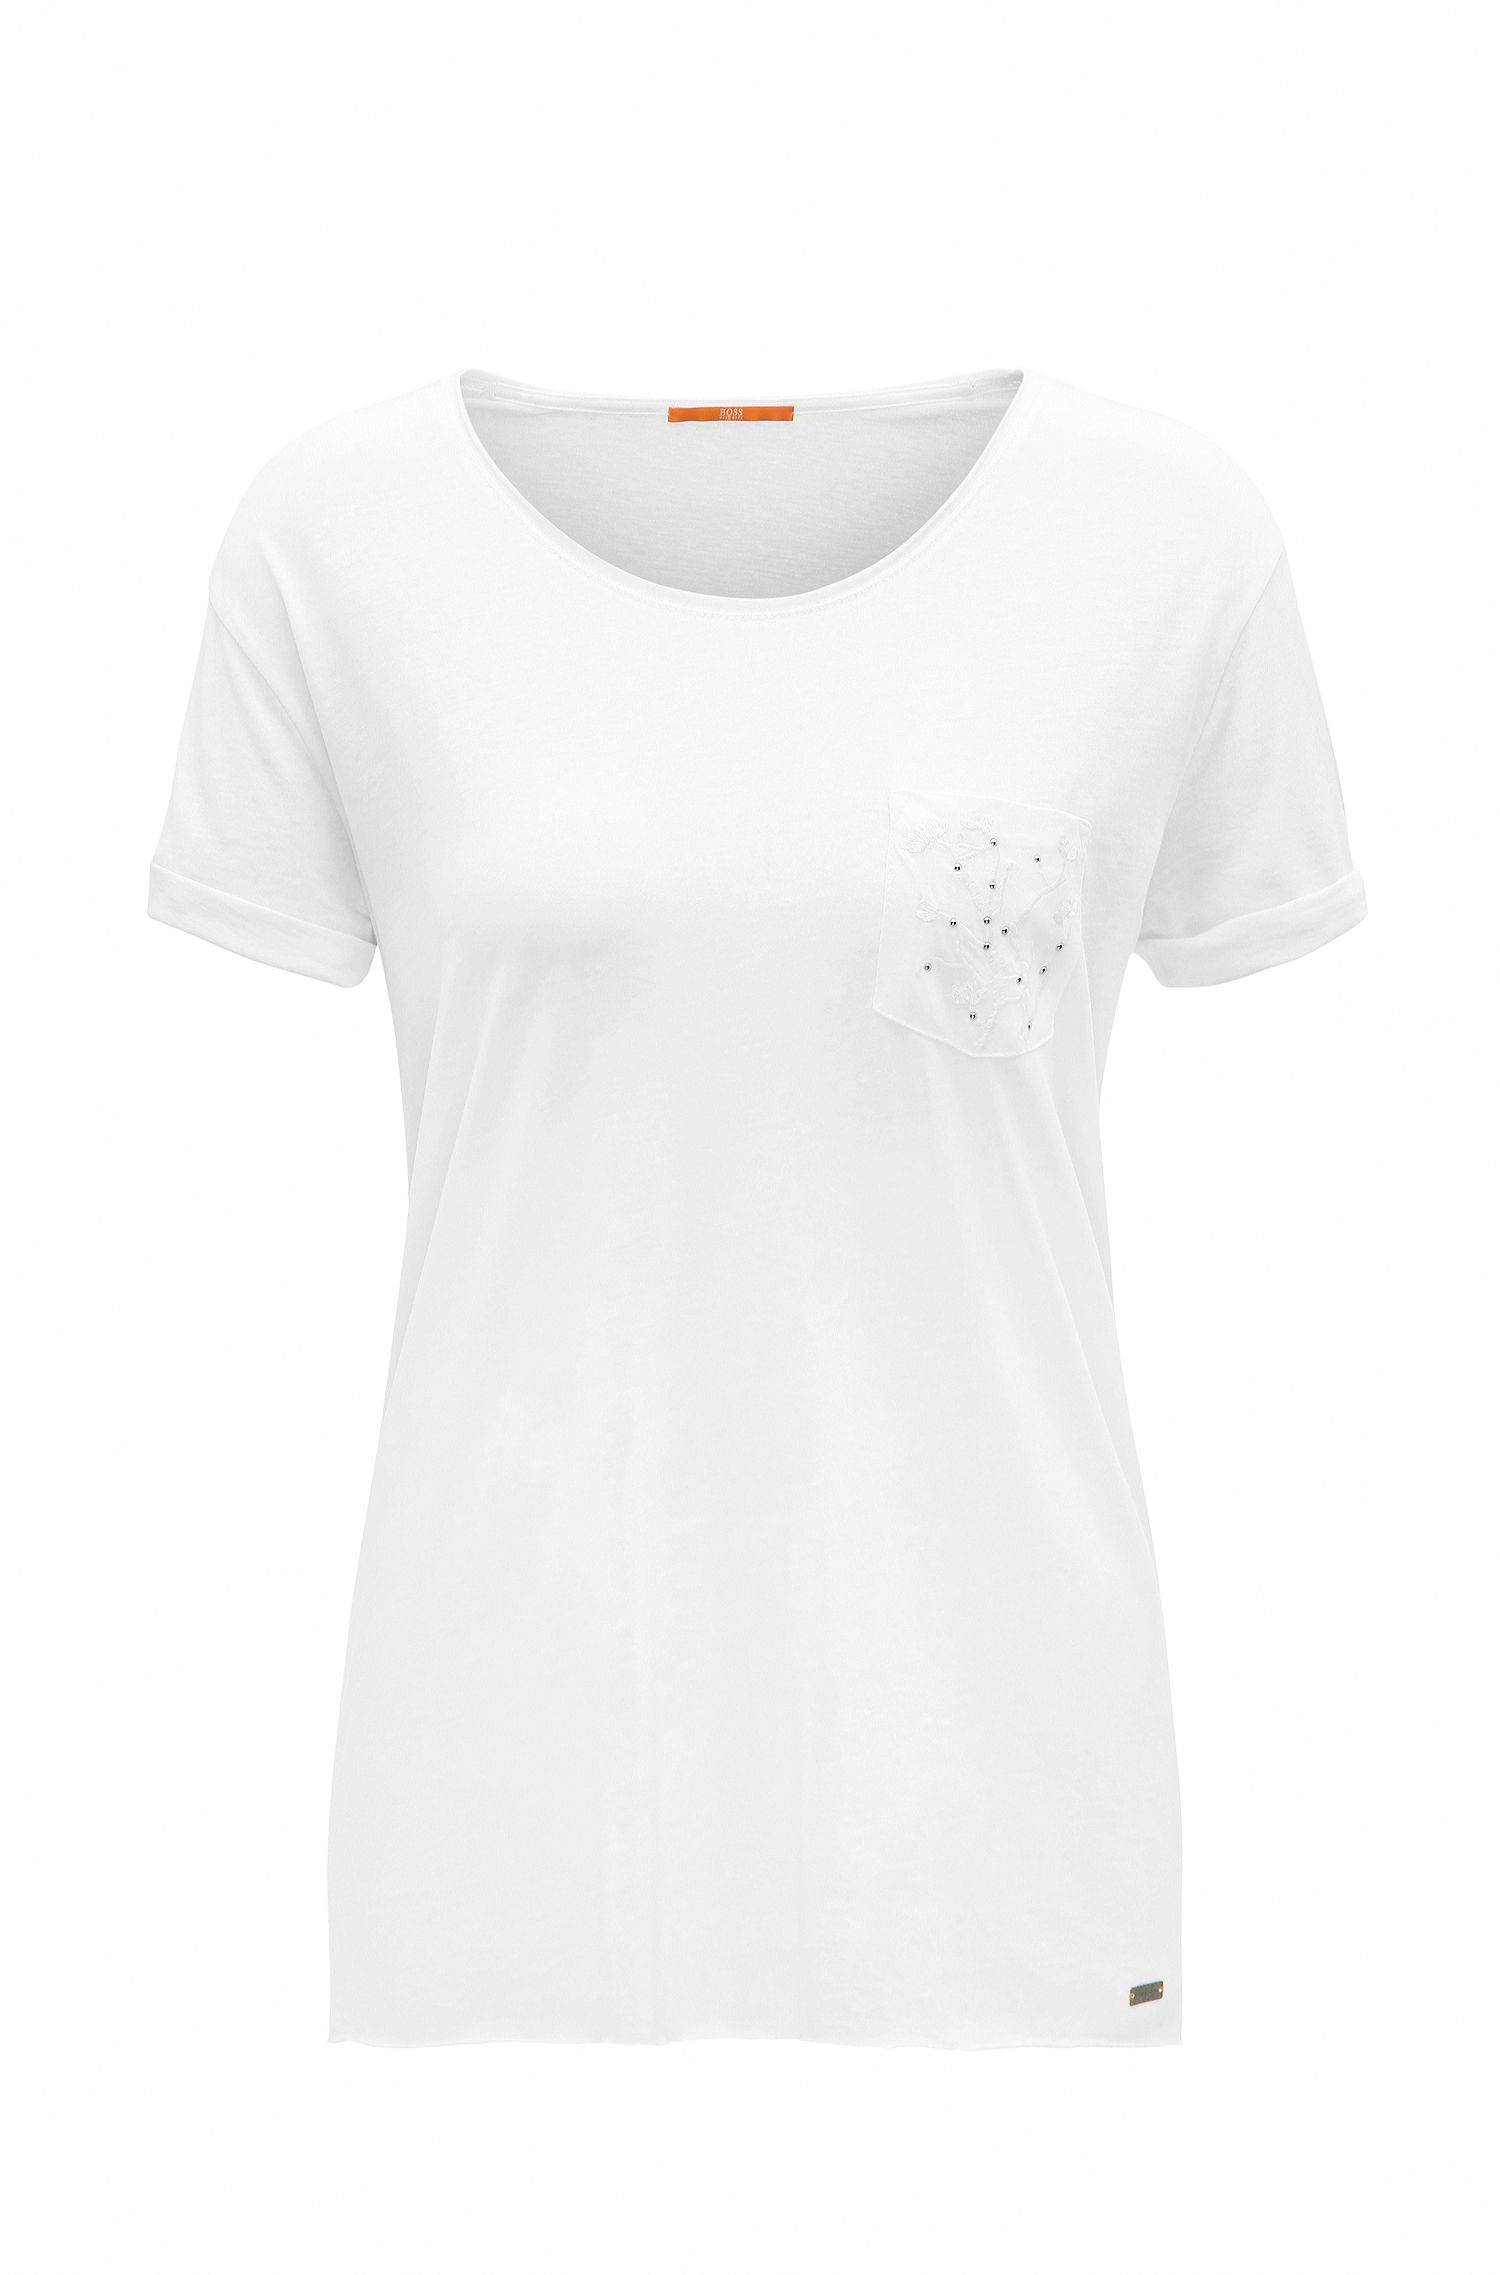 Camiseta relaxed fit en tejido fluido